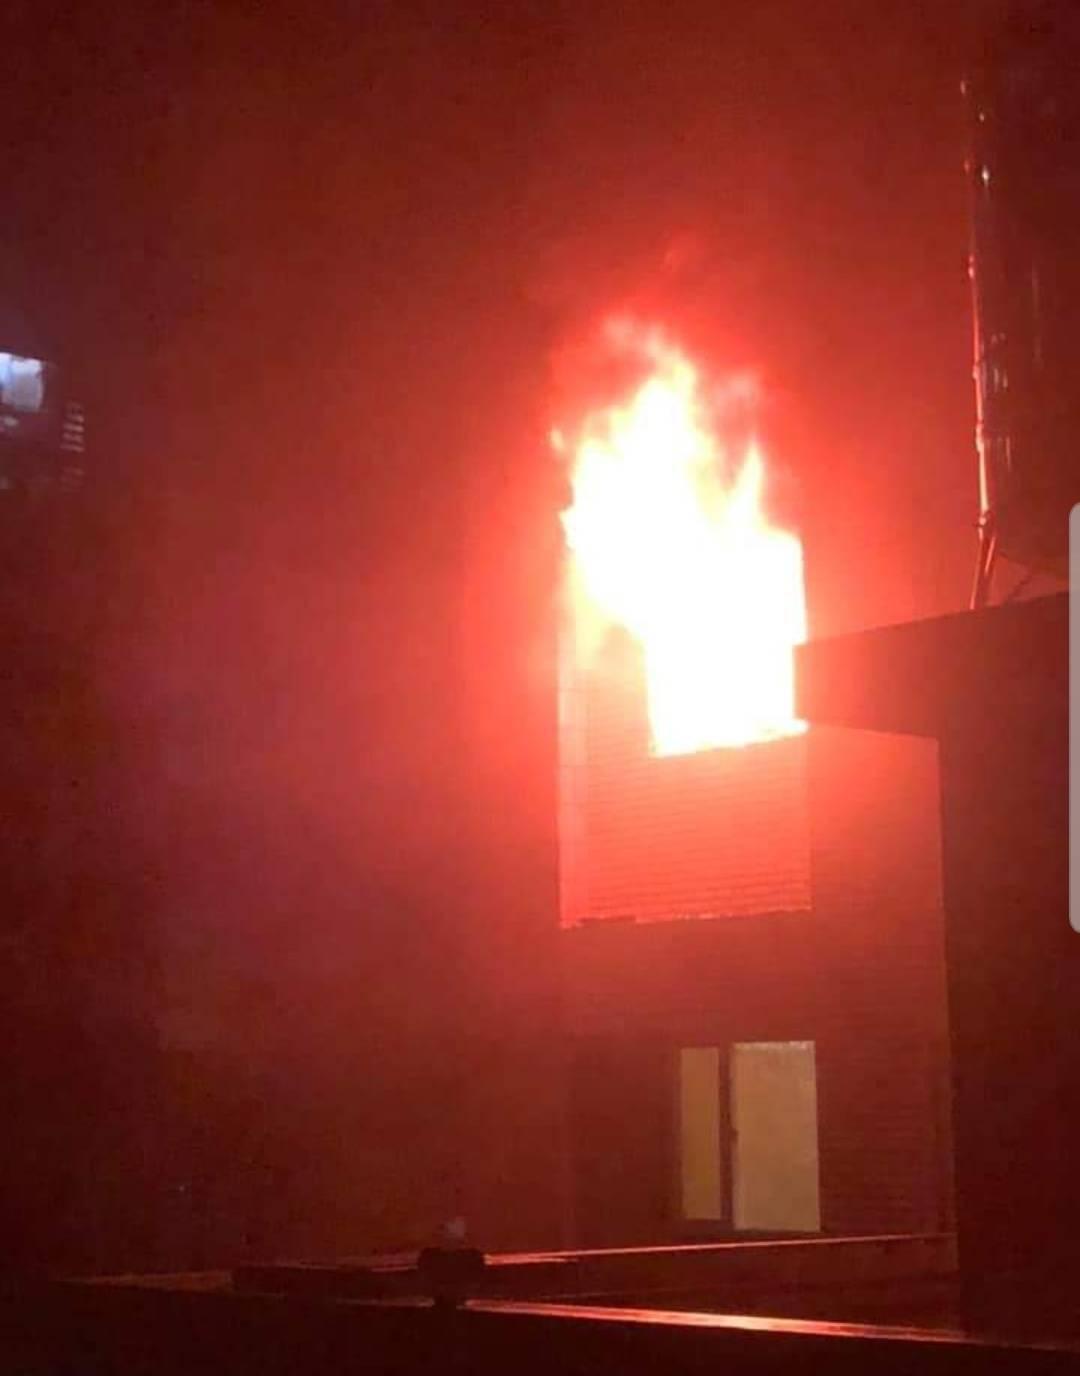 桃園市蘆竹區南昌路一棟大樓5樓今凌晨1點多發生火警,火勢向上延燒到9樓,網友將驚...